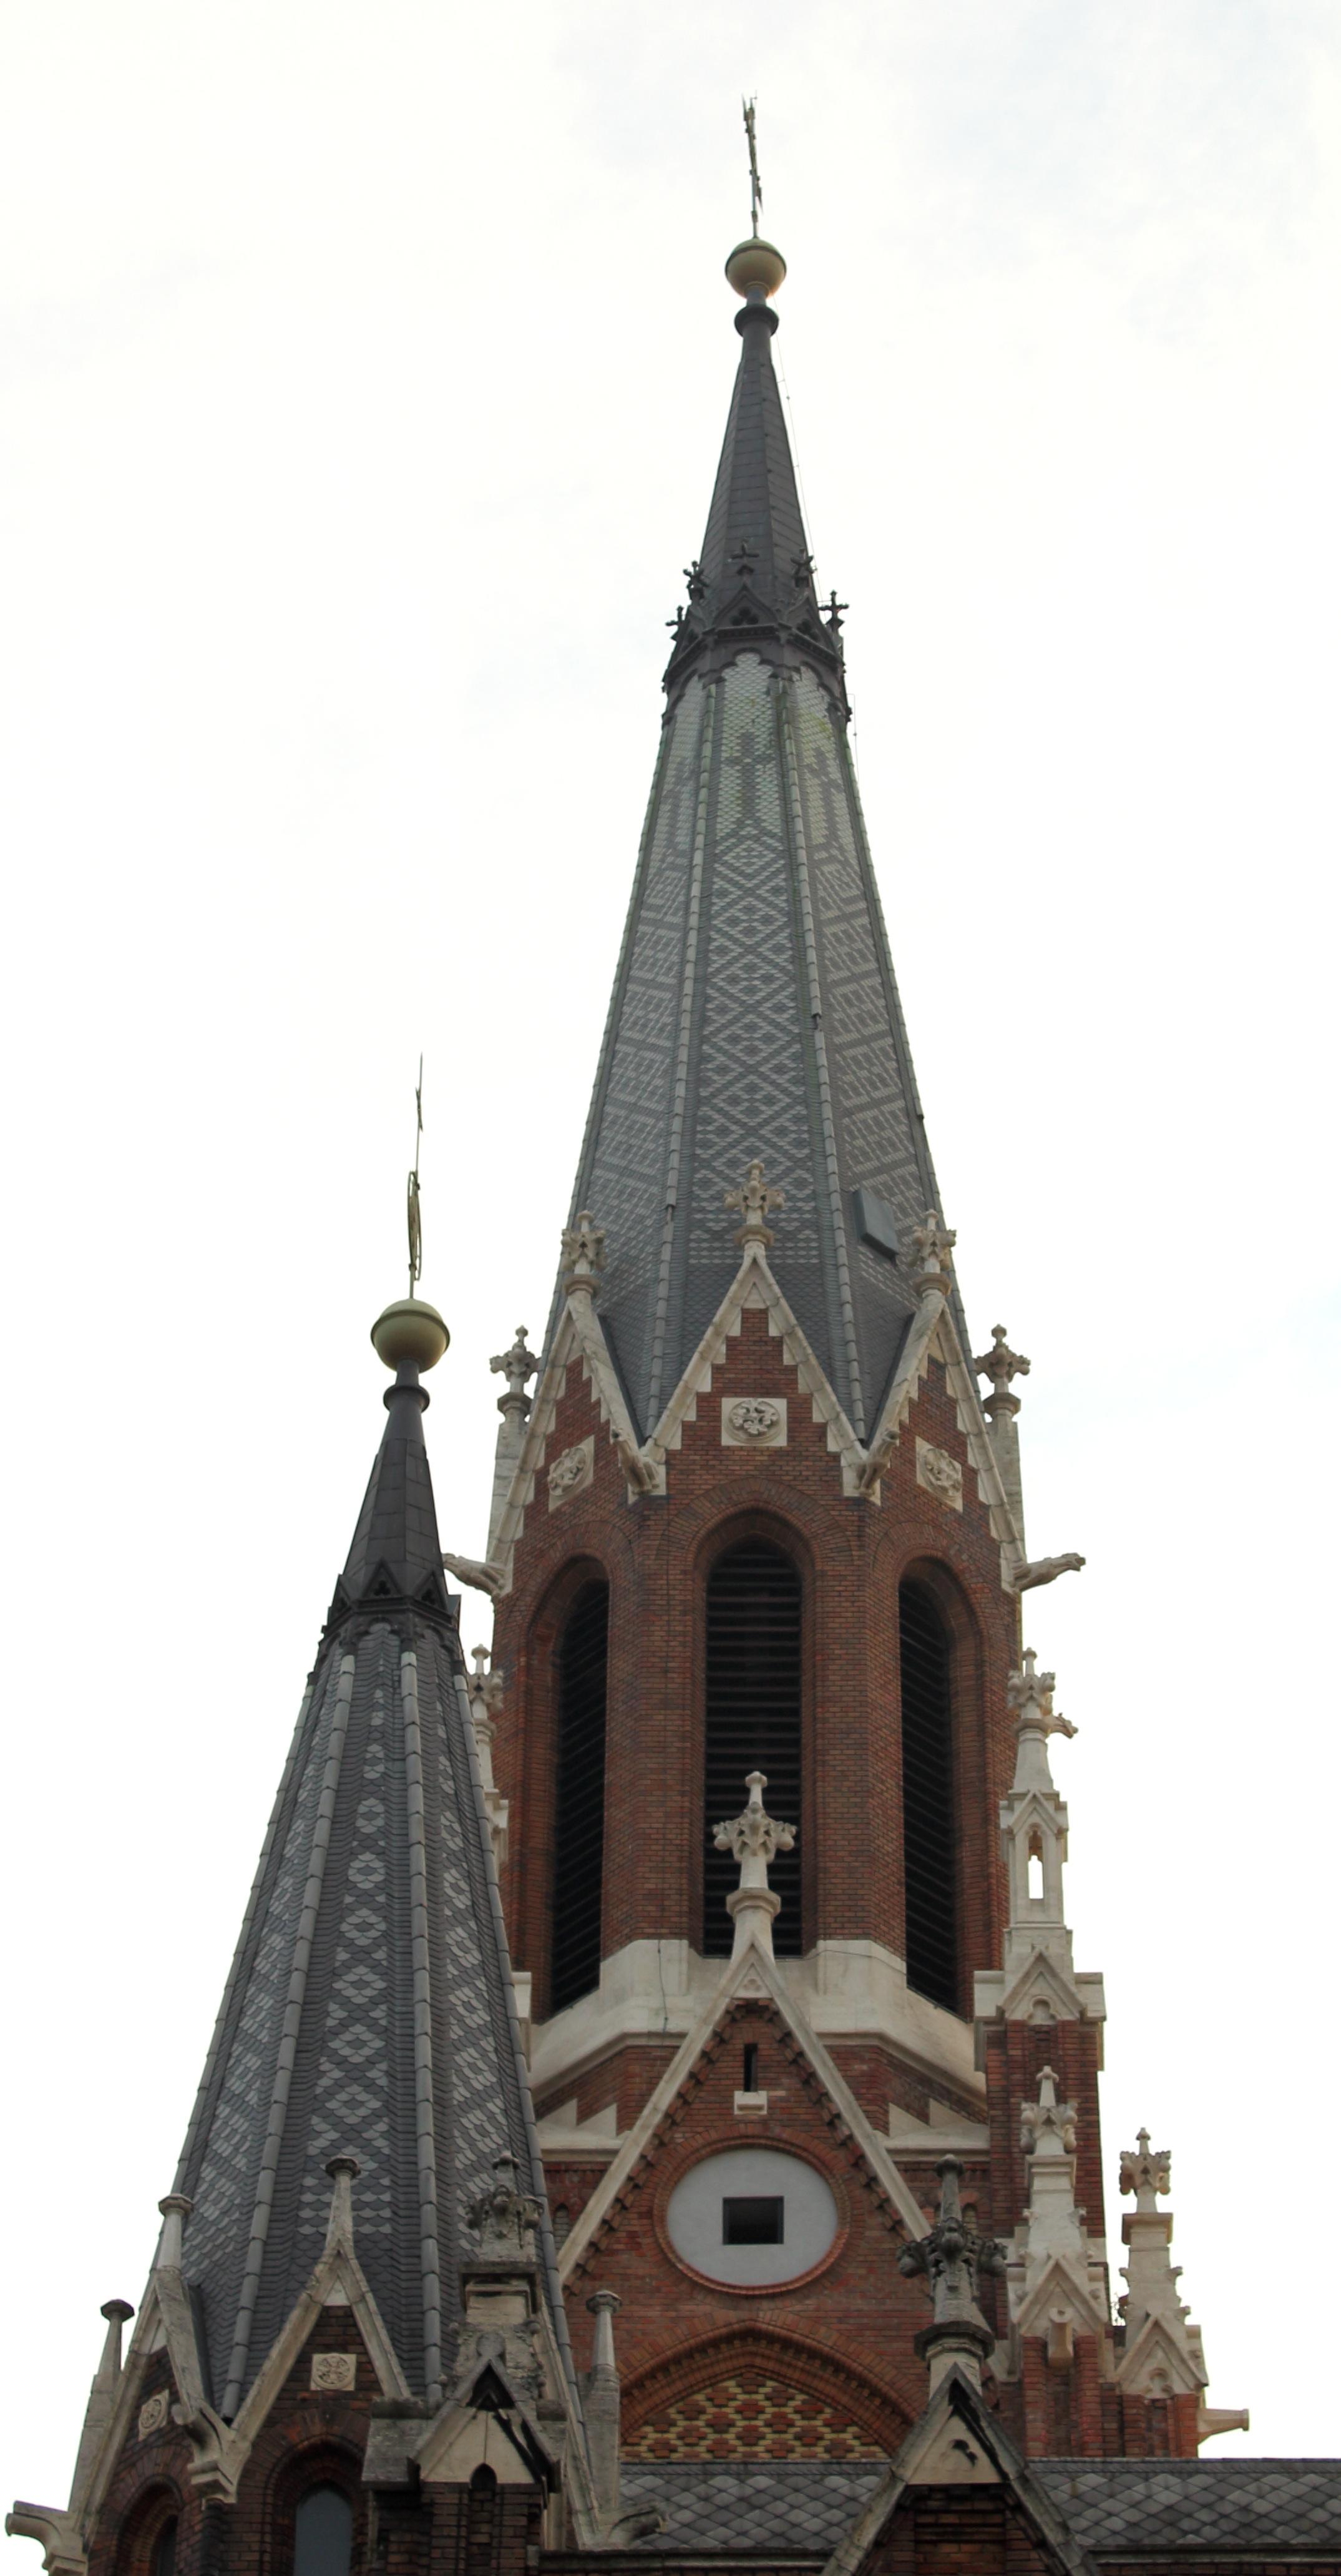 Rózsafüzér Királynéja Templom, Thököly út. Stílus: neogótika, építész: Hofhauser Antal.